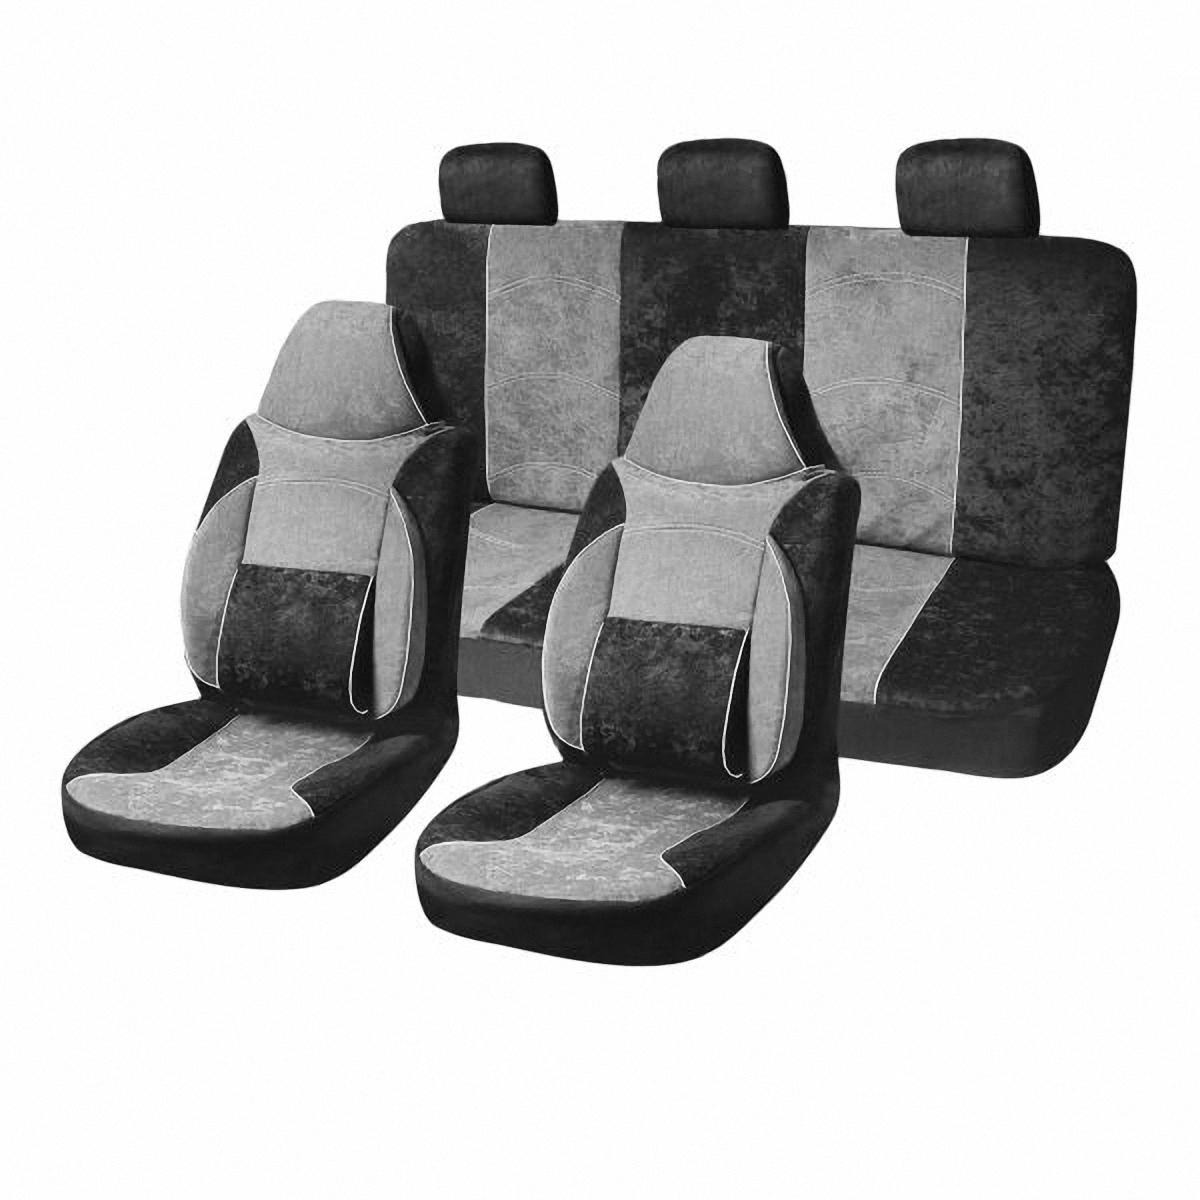 Чехлы автомобильные Skyway. S01301033S01301033Комплект классических универсальных автомобильных чехлов Skyway S01301033 изготовлен из велюра. Чехлы защитят обивку сидений от вытирания и выцветания. Благодаря структуре ткани, обеспечивается улучшенная вентиляция кресел, что позволяет сделать более комфортными долгое пребывание за рулем во время дальней поездки.